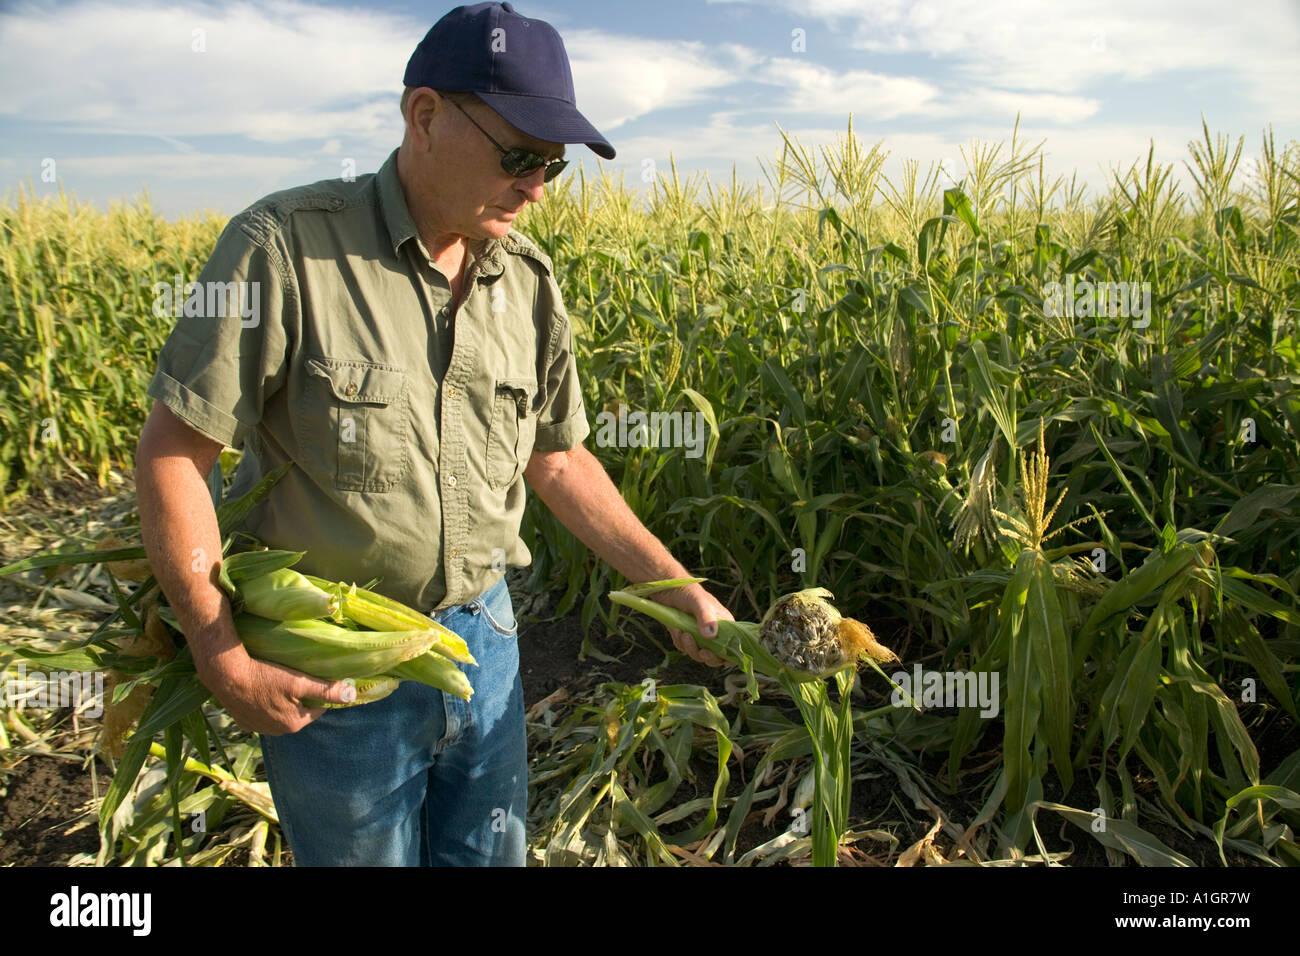 Inspección de agricultor en el campo de maíz dulce, muestra la obscenidad Gals. Foto de stock